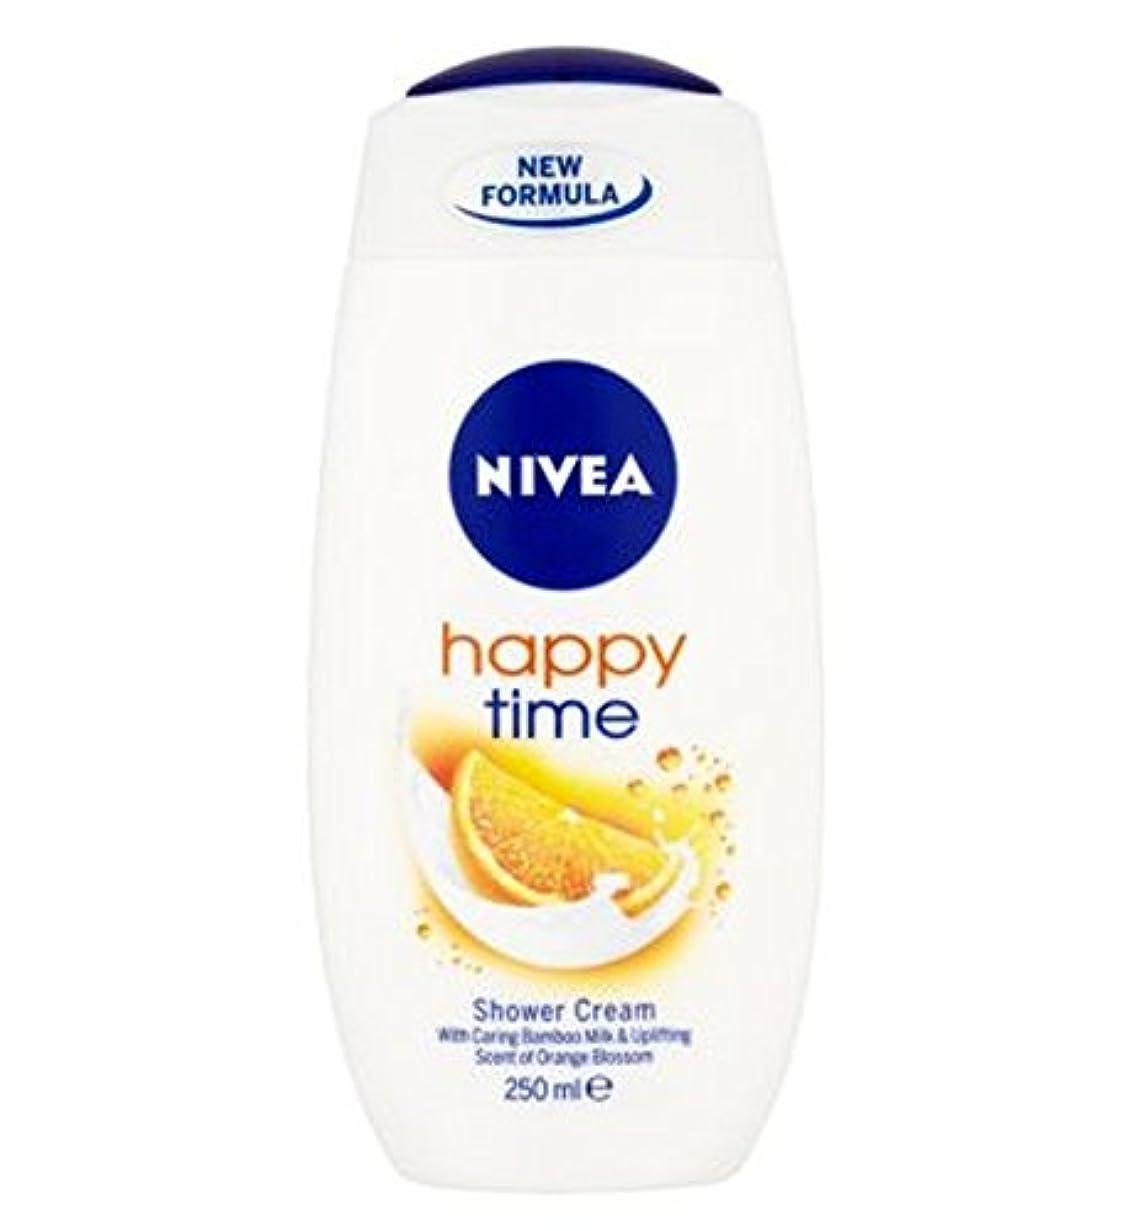 更新する忠実にセッションニベア幸せな時間シャワークリーム250ミリリットル (Nivea) (x2) - NIVEA Happy Time Shower Cream 250ml (Pack of 2) [並行輸入品]